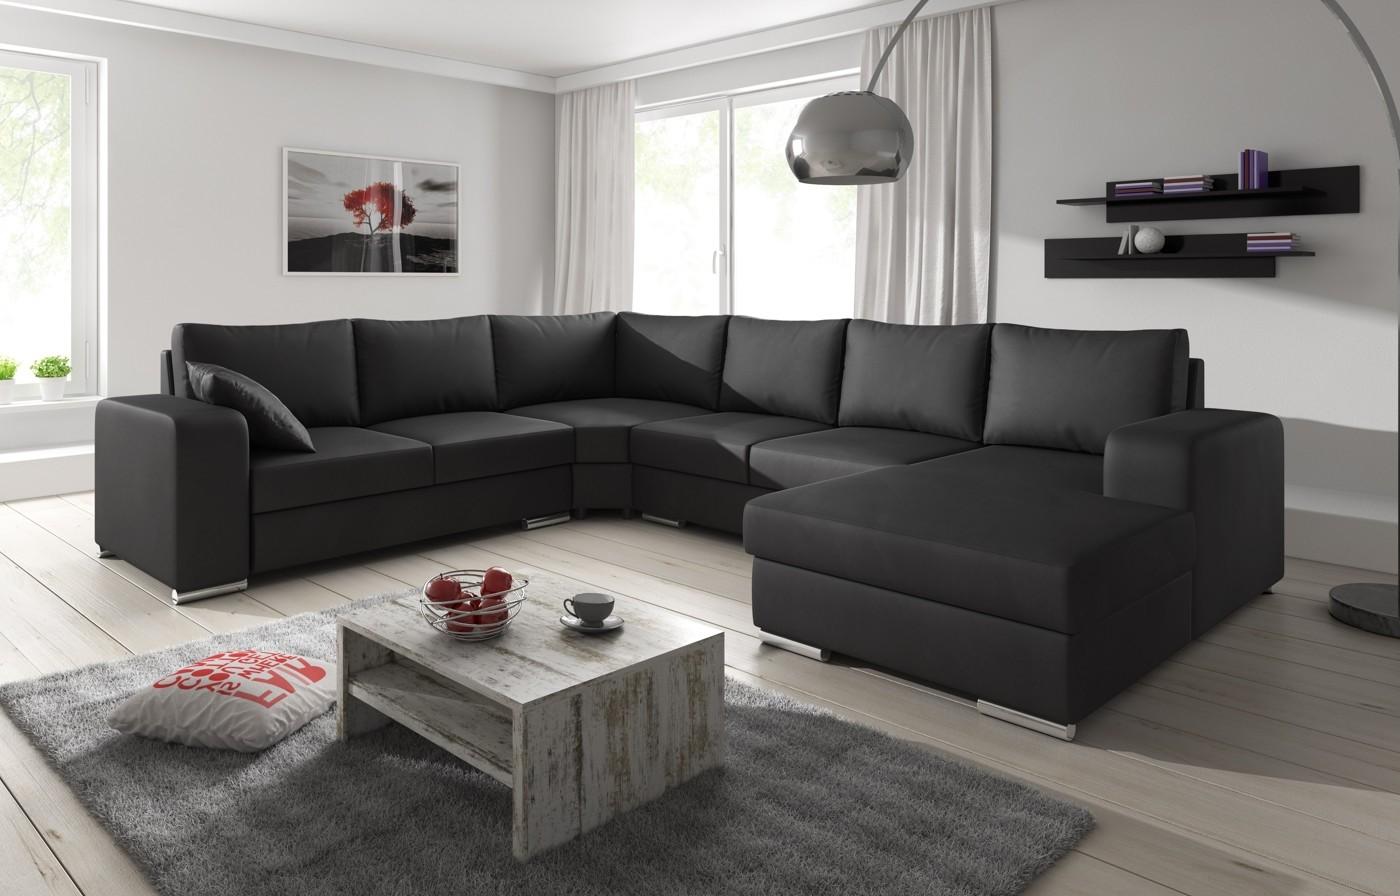 Design Hoekbank Zwart Leer.Hoekbank Adel Zwart Leer Rechts